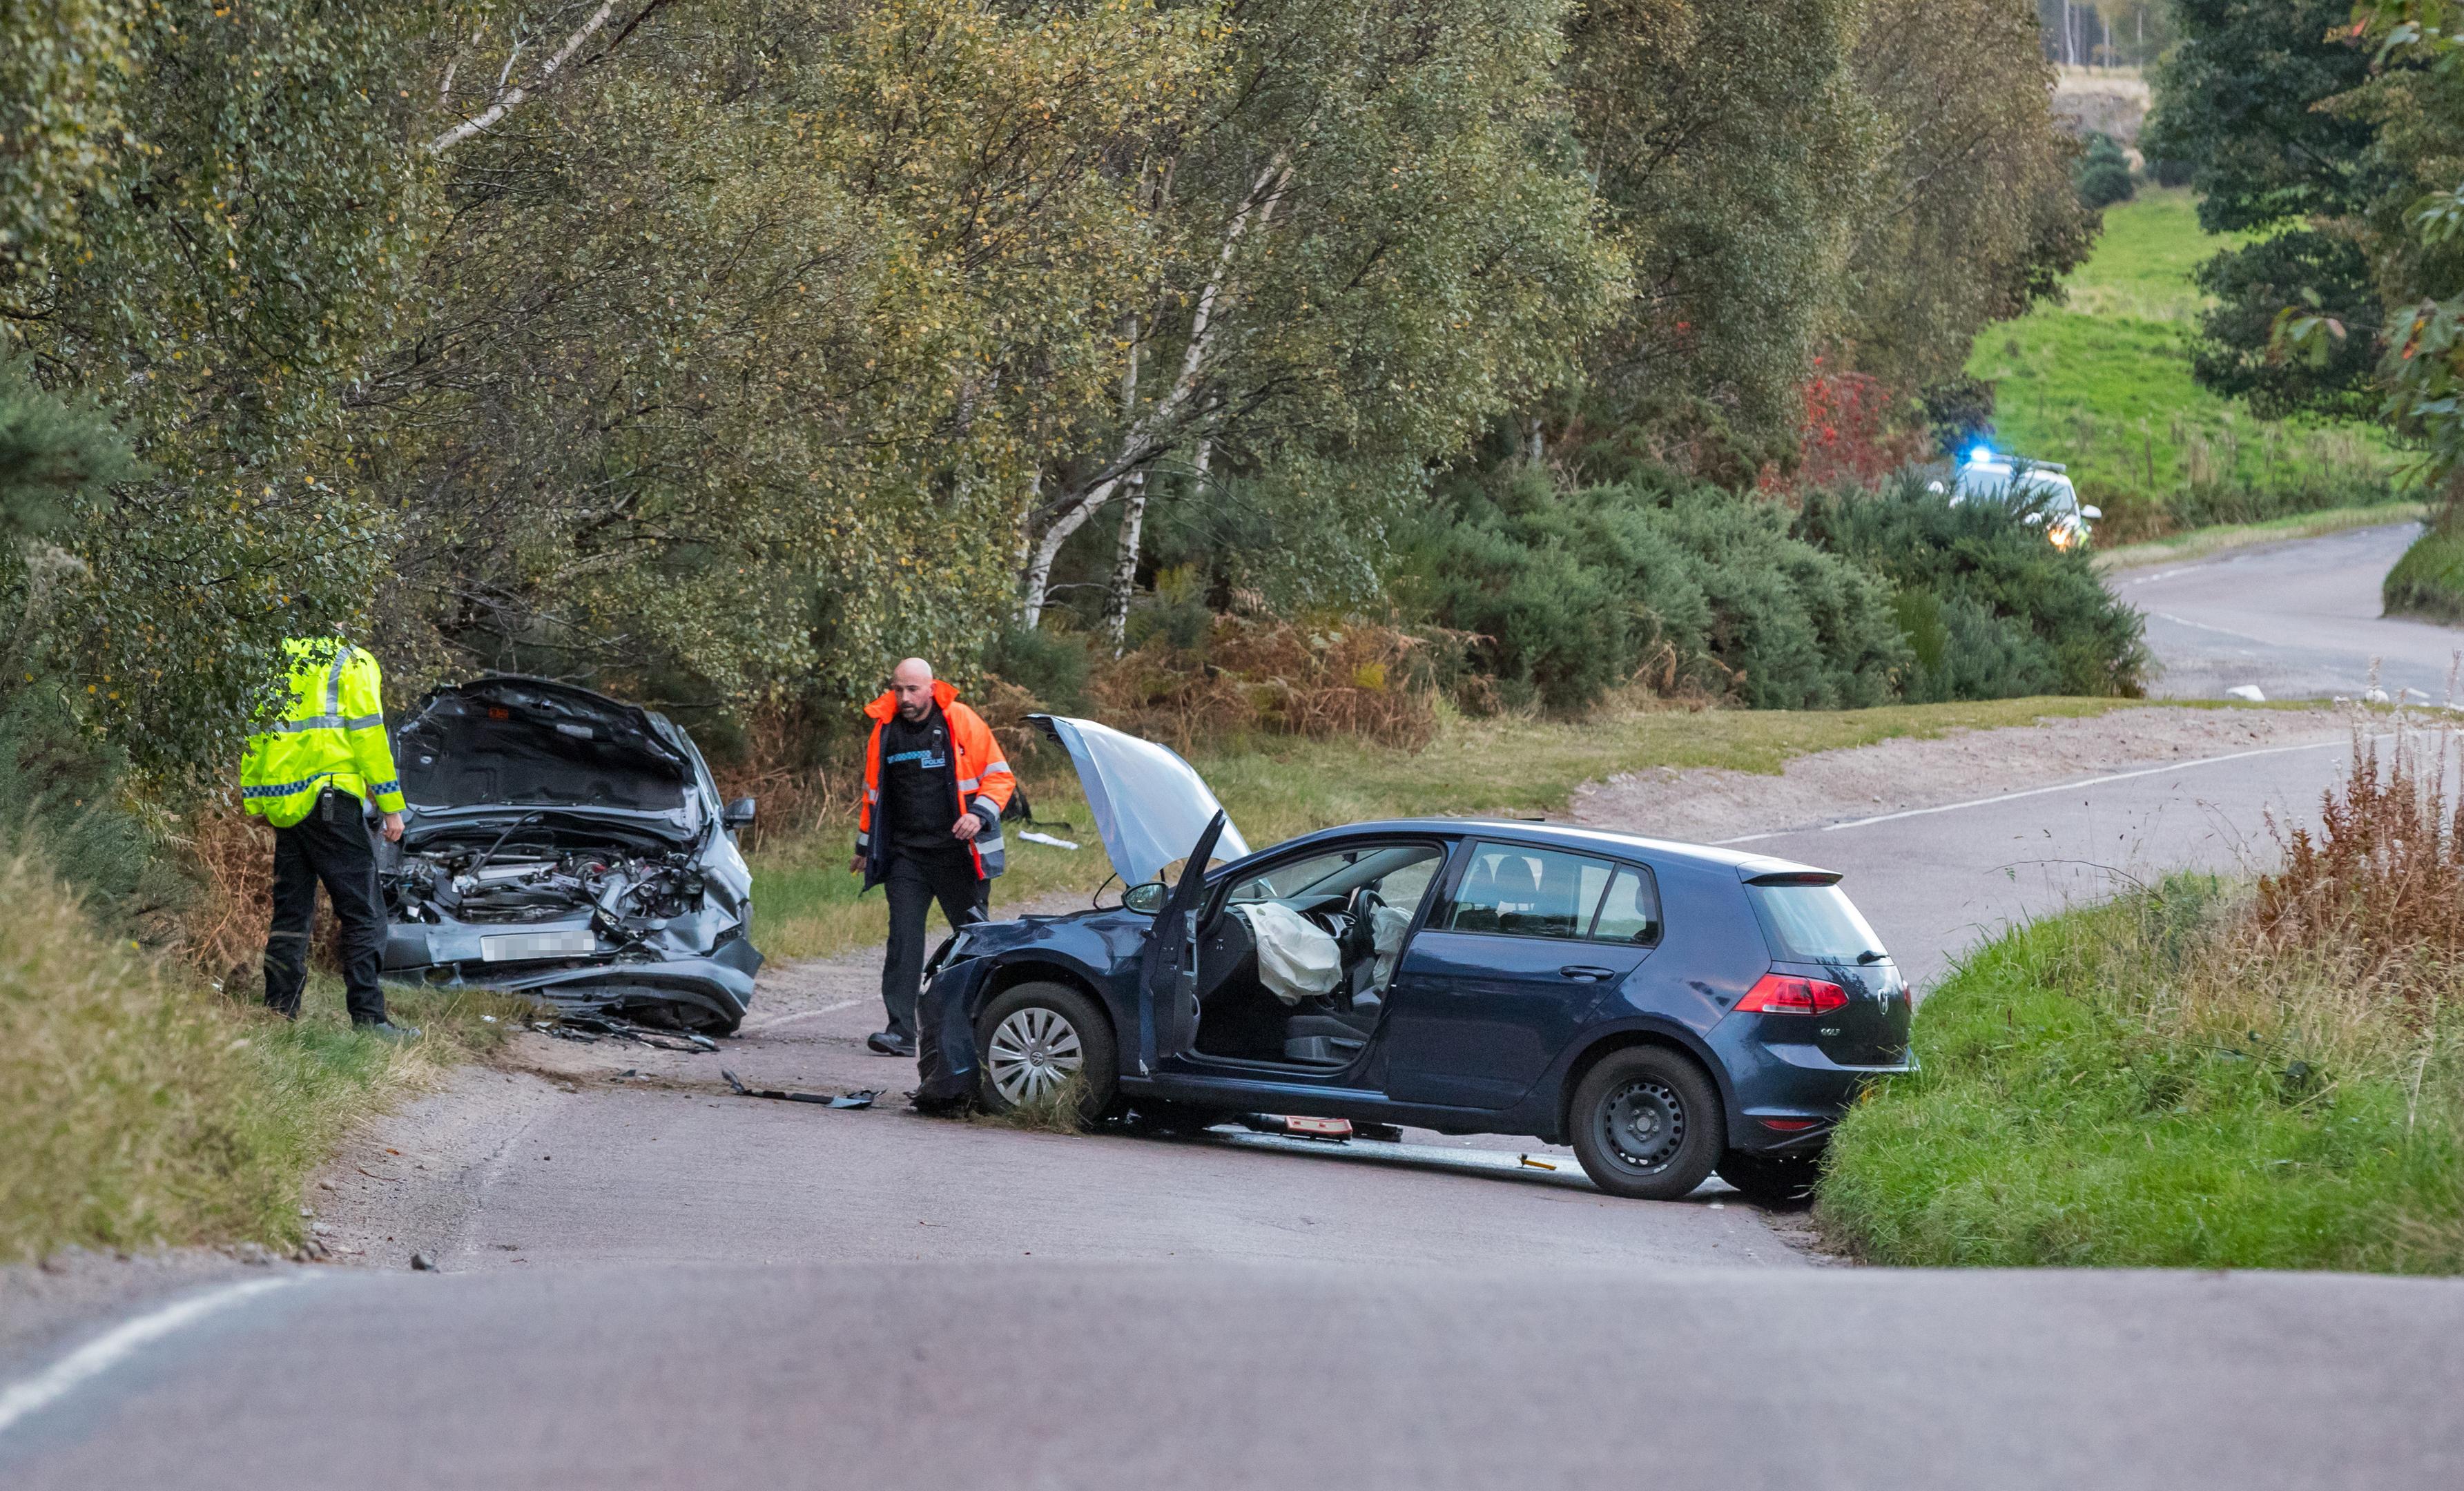 Scene of the crash in Moray